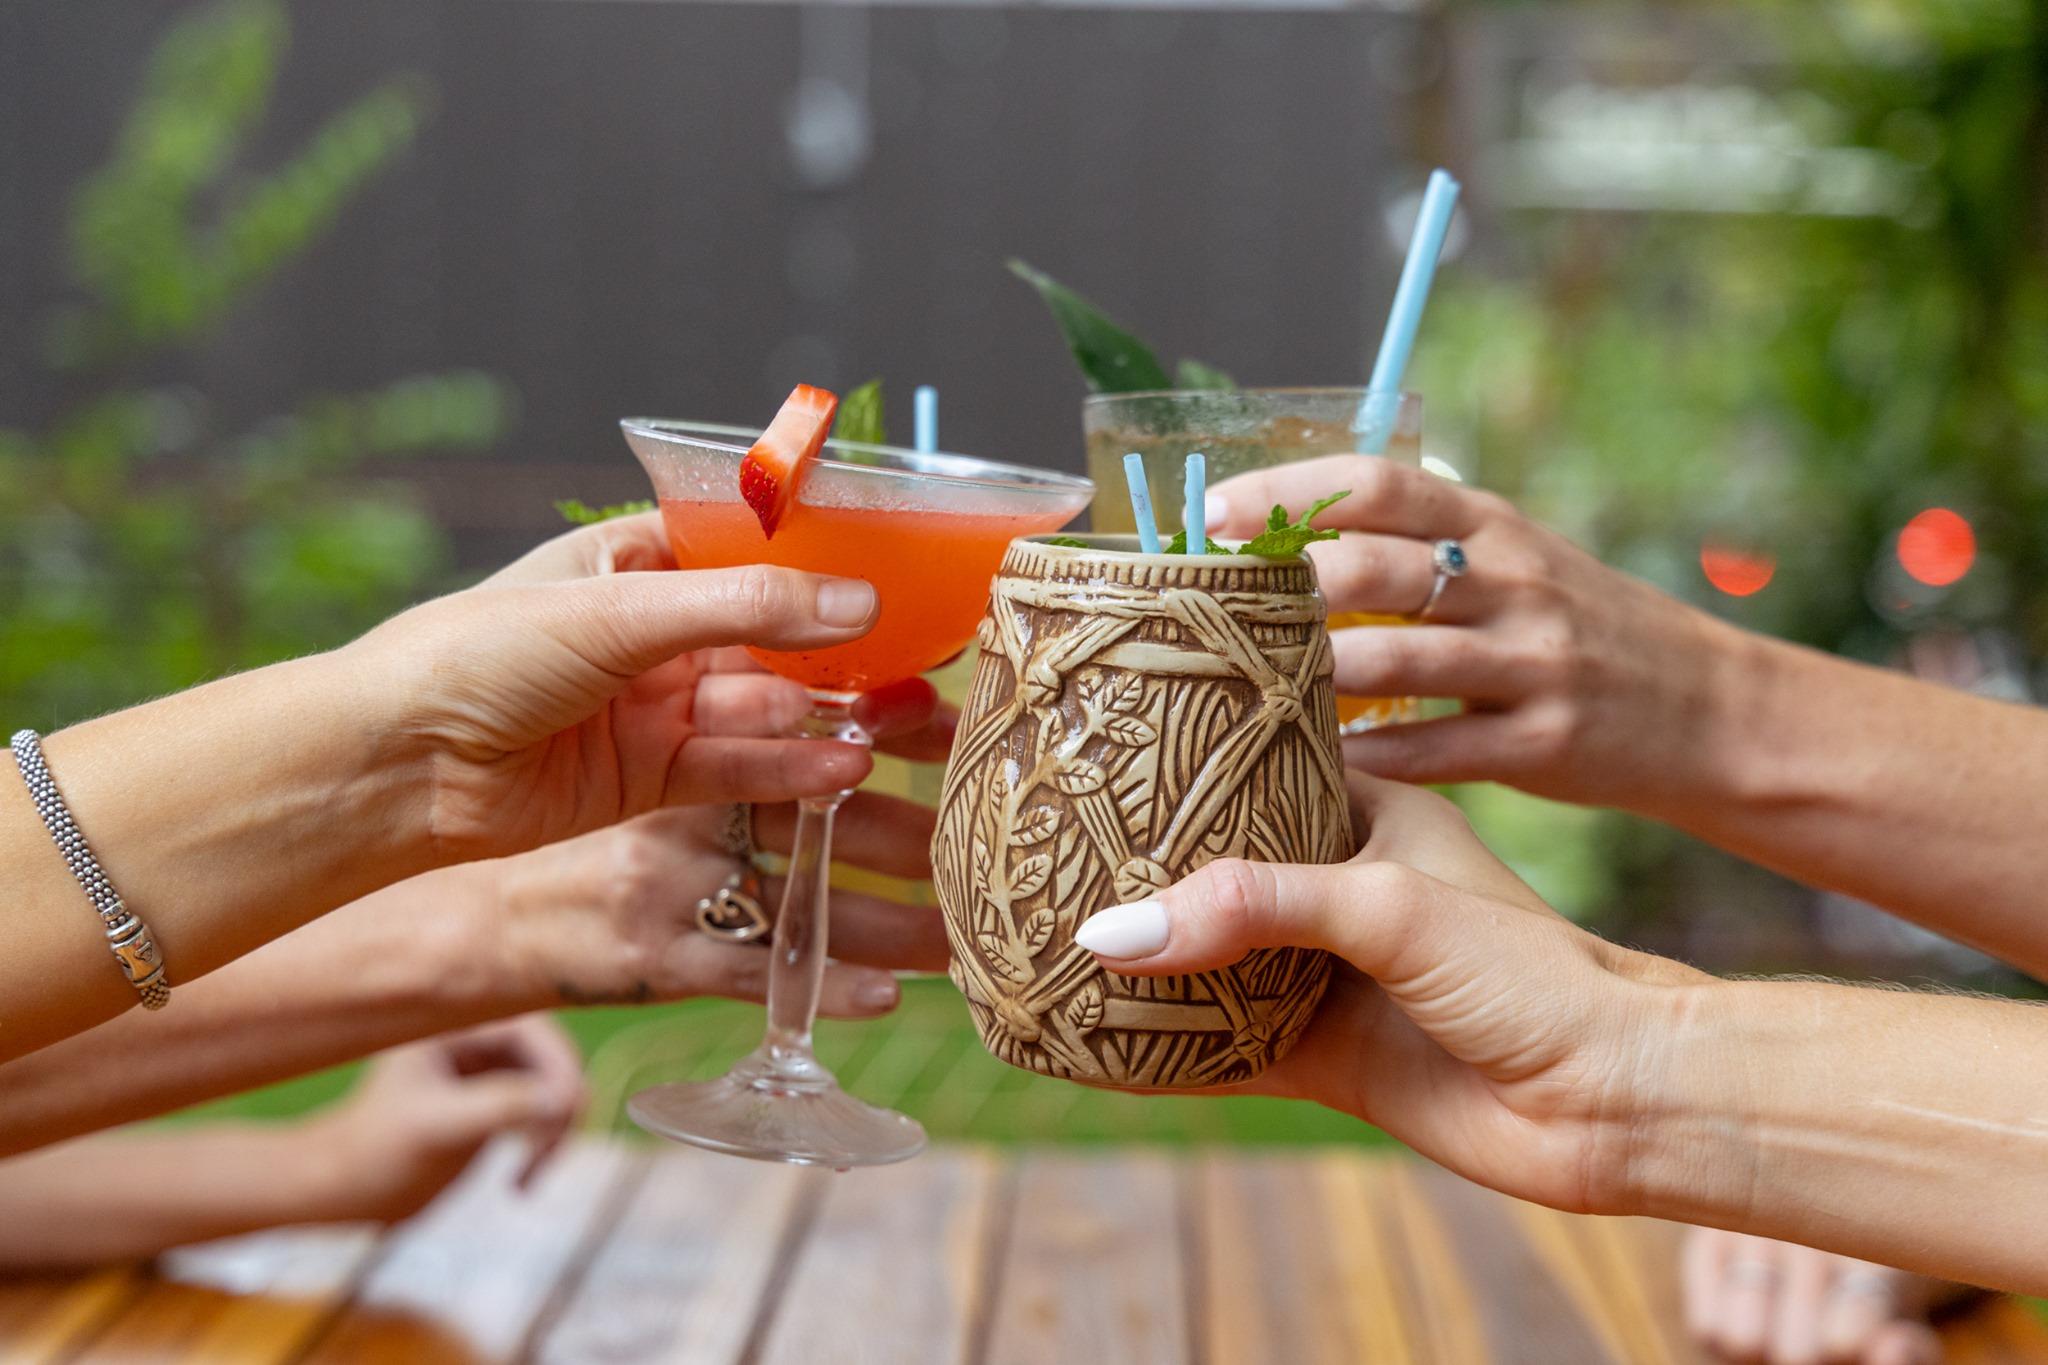 一群鸡尾酒手握在一起,好像在互相敬酒。其中一种鸡尾酒盛在一个看起来像木桶的杯子里。另一种鸡尾酒是红色的,装在马提尼酒杯里。